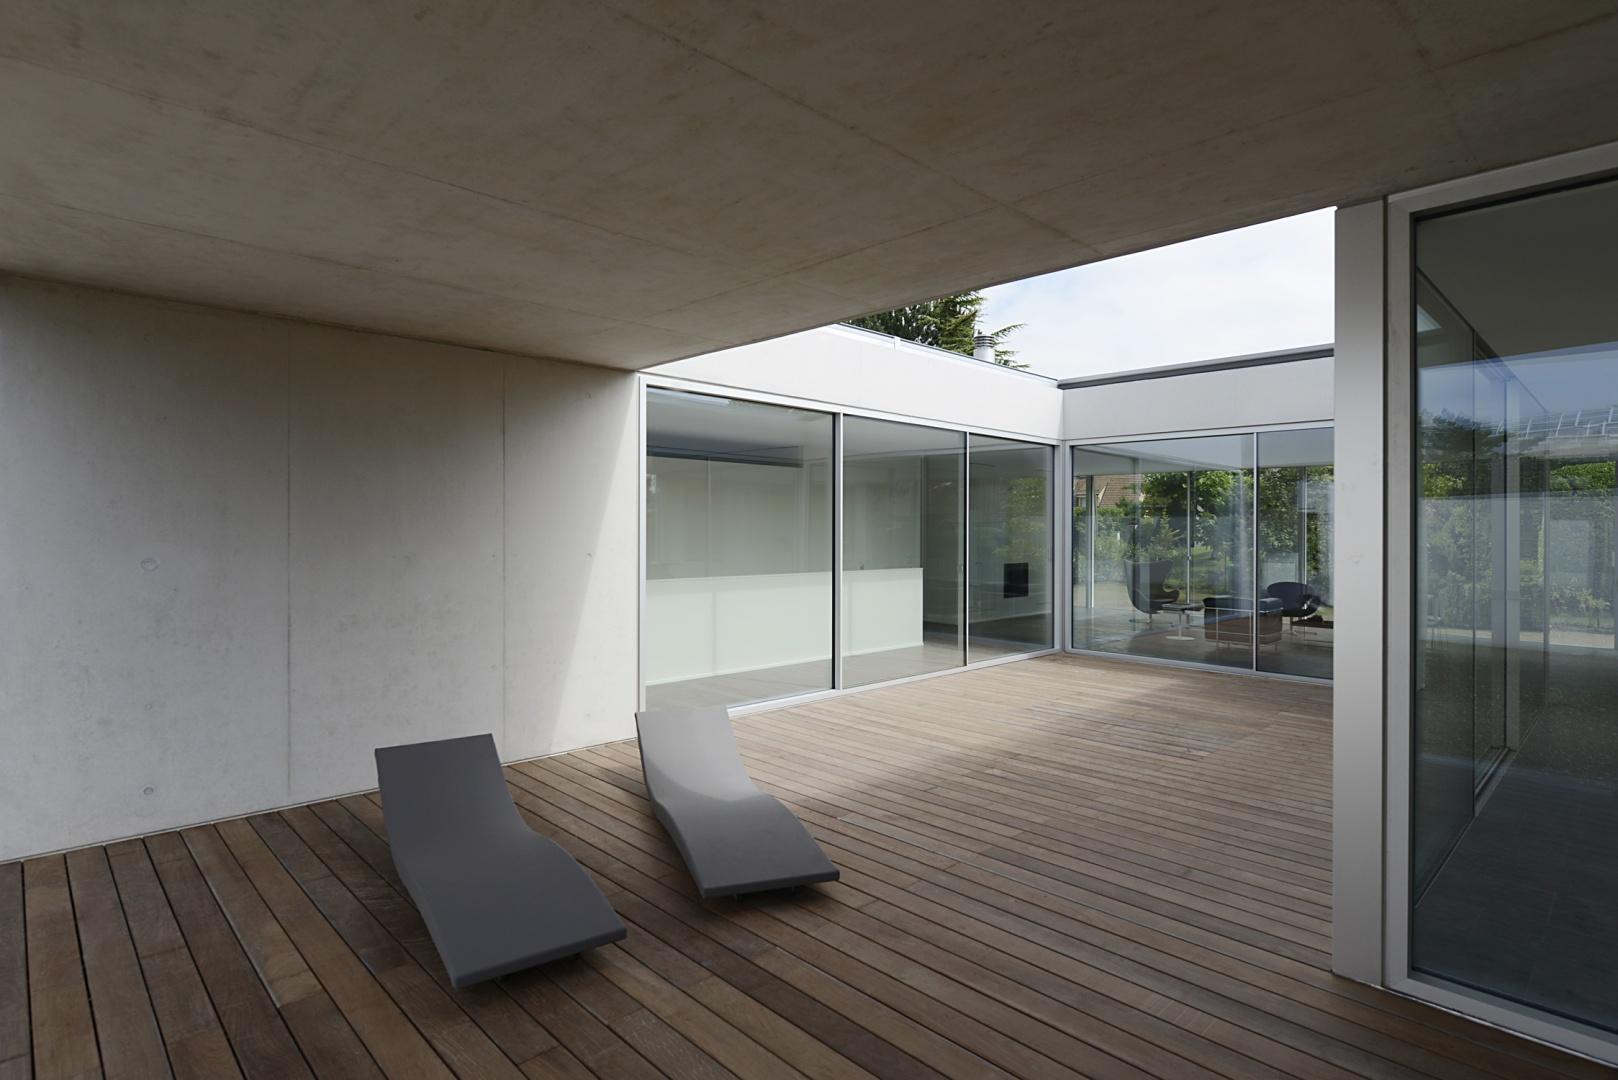 Patio © Leo Fabrizio, Lausanne